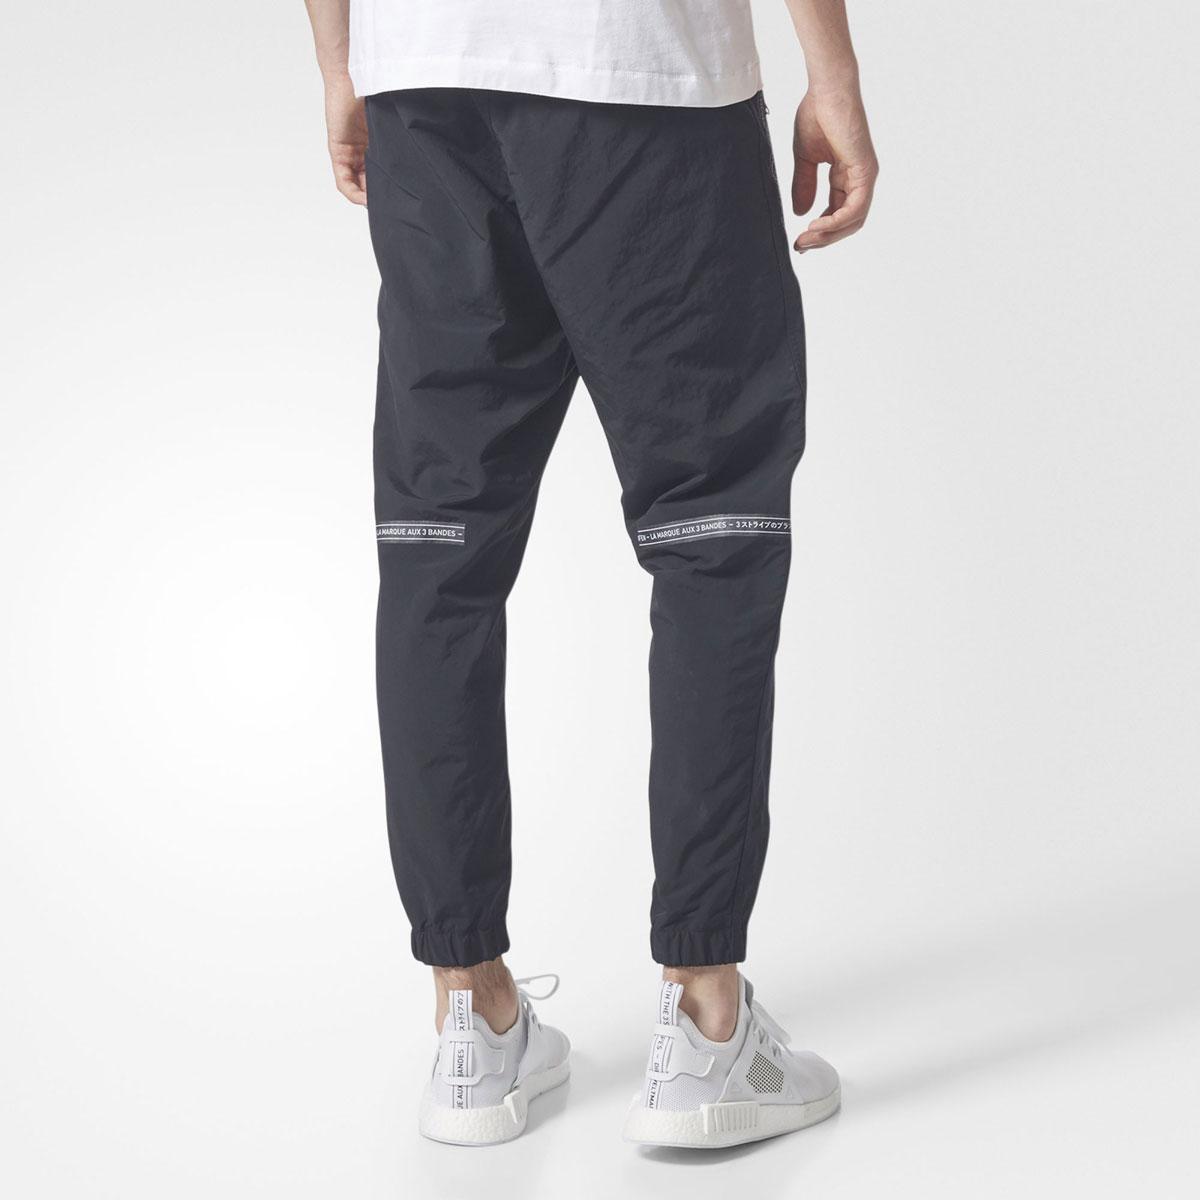 9cc1356200d1 adidas Originals NMD URBAN TRACKPANTS (BLACK WHITE) (Adidas originals NMD  Urban trackpants)